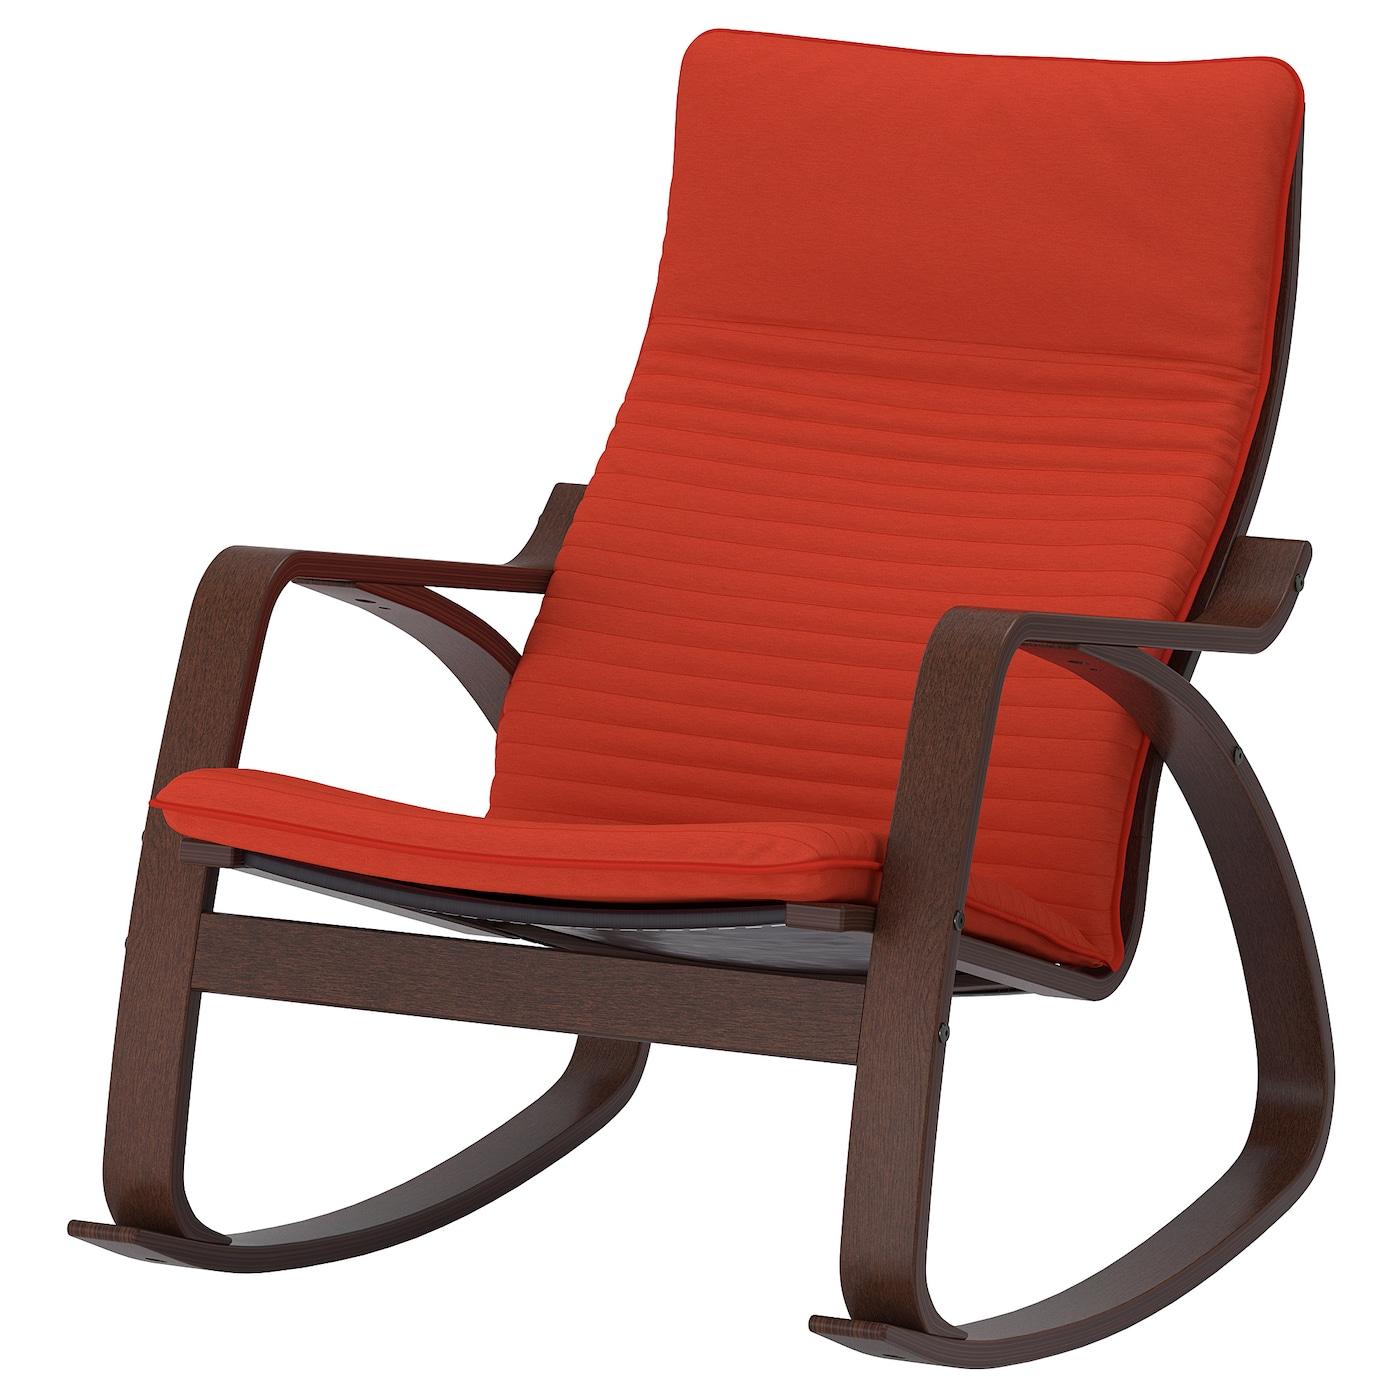 IKEA POÄNG Krzesło bujane, brązowy, Knisa pomarańczowy czerwony/pomarańczowy